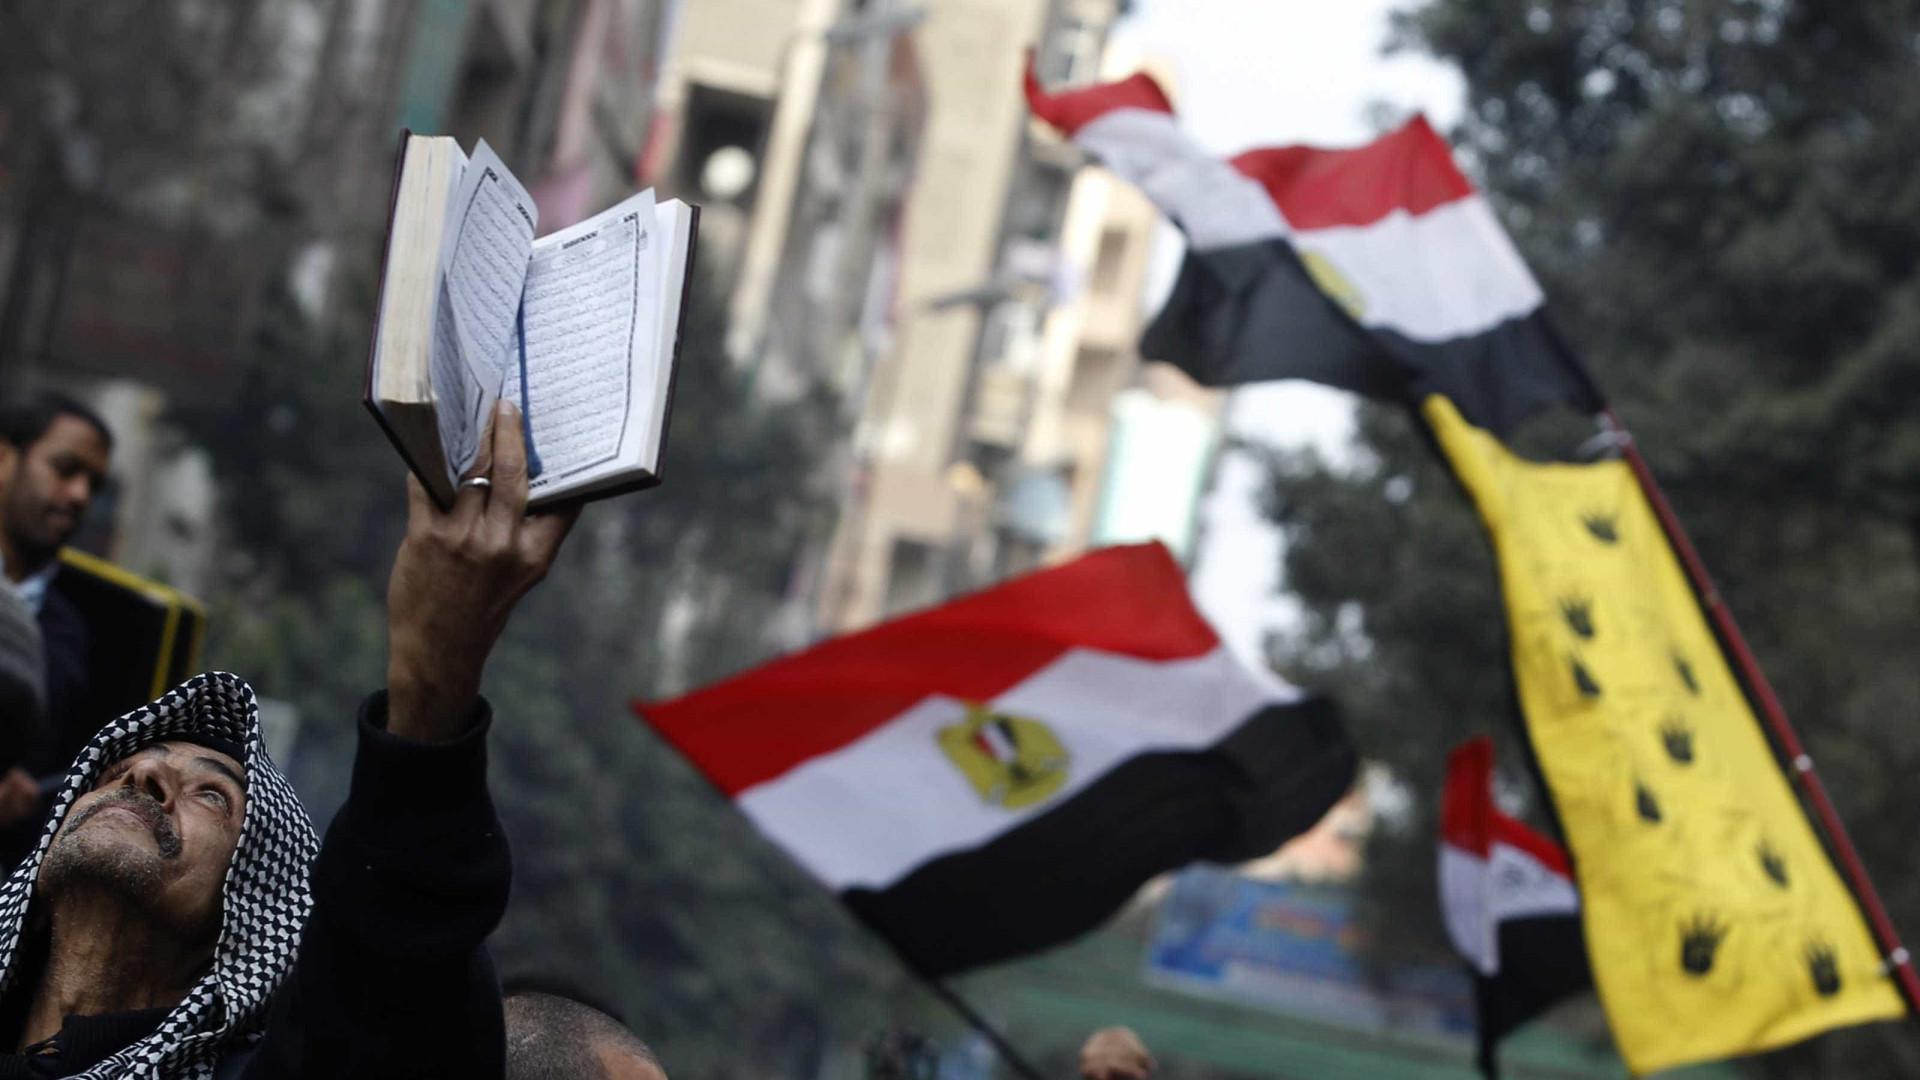 Tribunal condena a prisão perpétua 65 islamistas por ataque em 2013